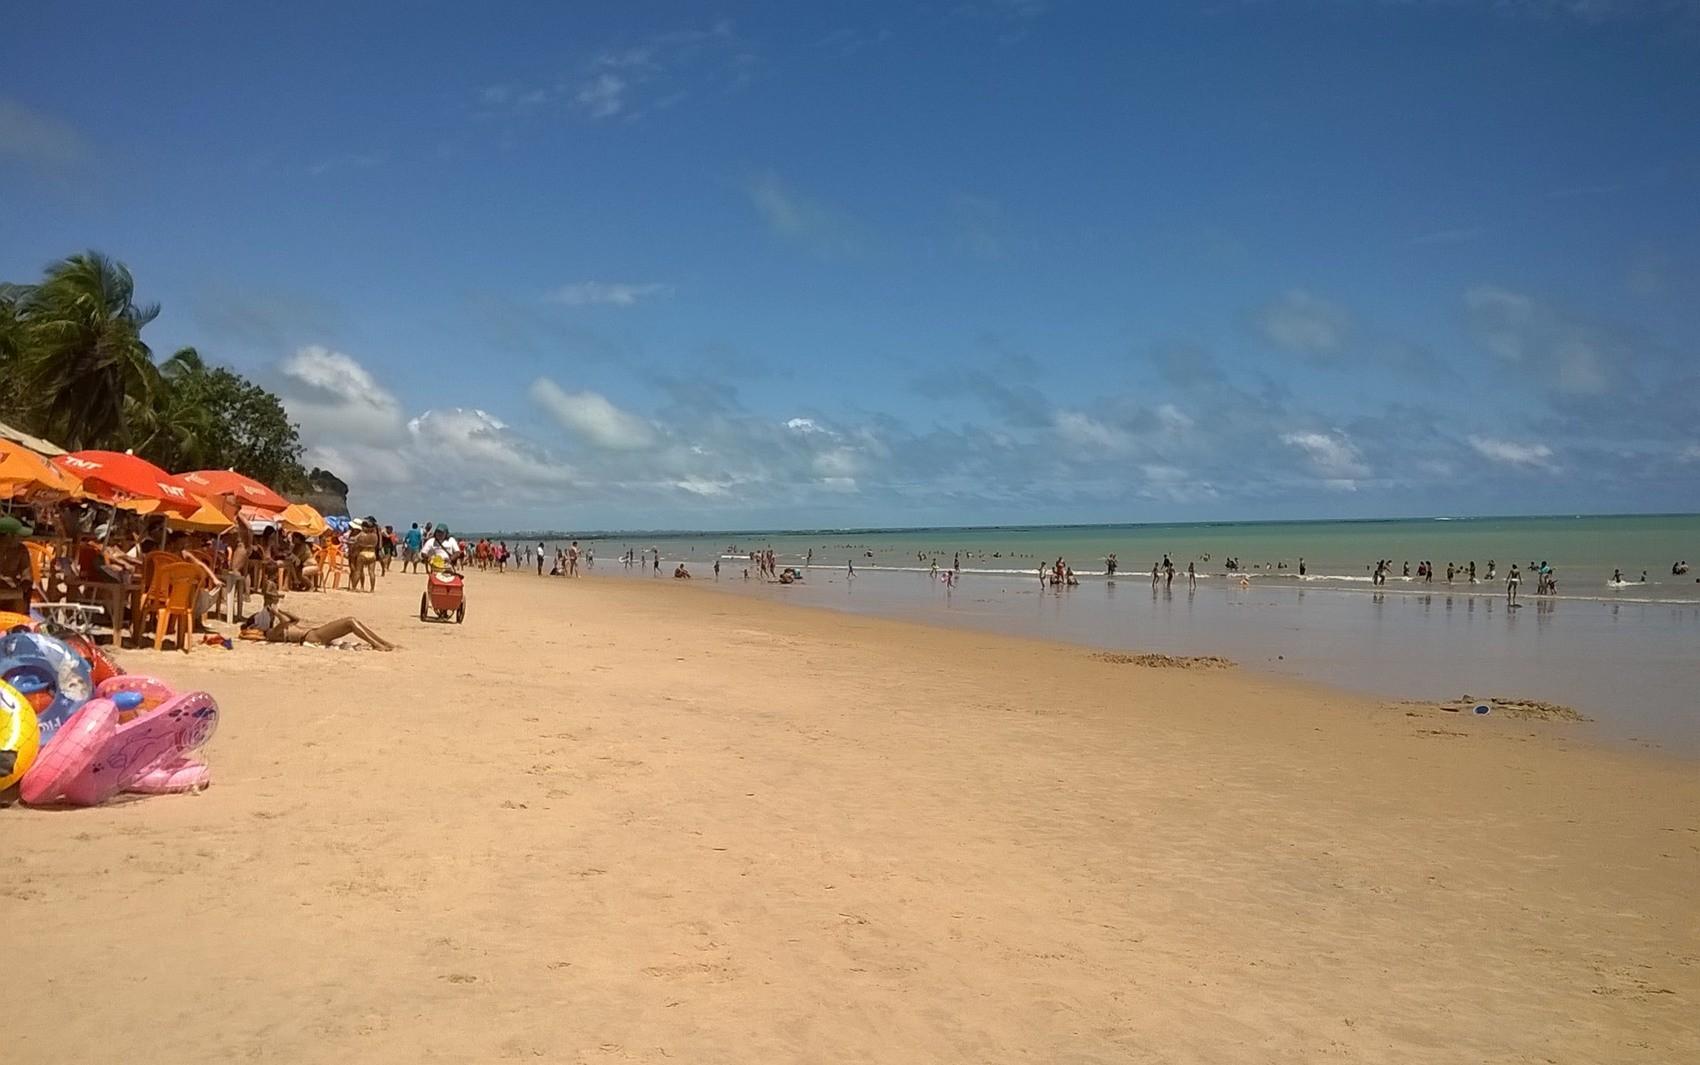 Litoral da Paraíba tem 16 praias impróprias para banho; maré alcança 0,4 m - Notícias - Plantão Diário